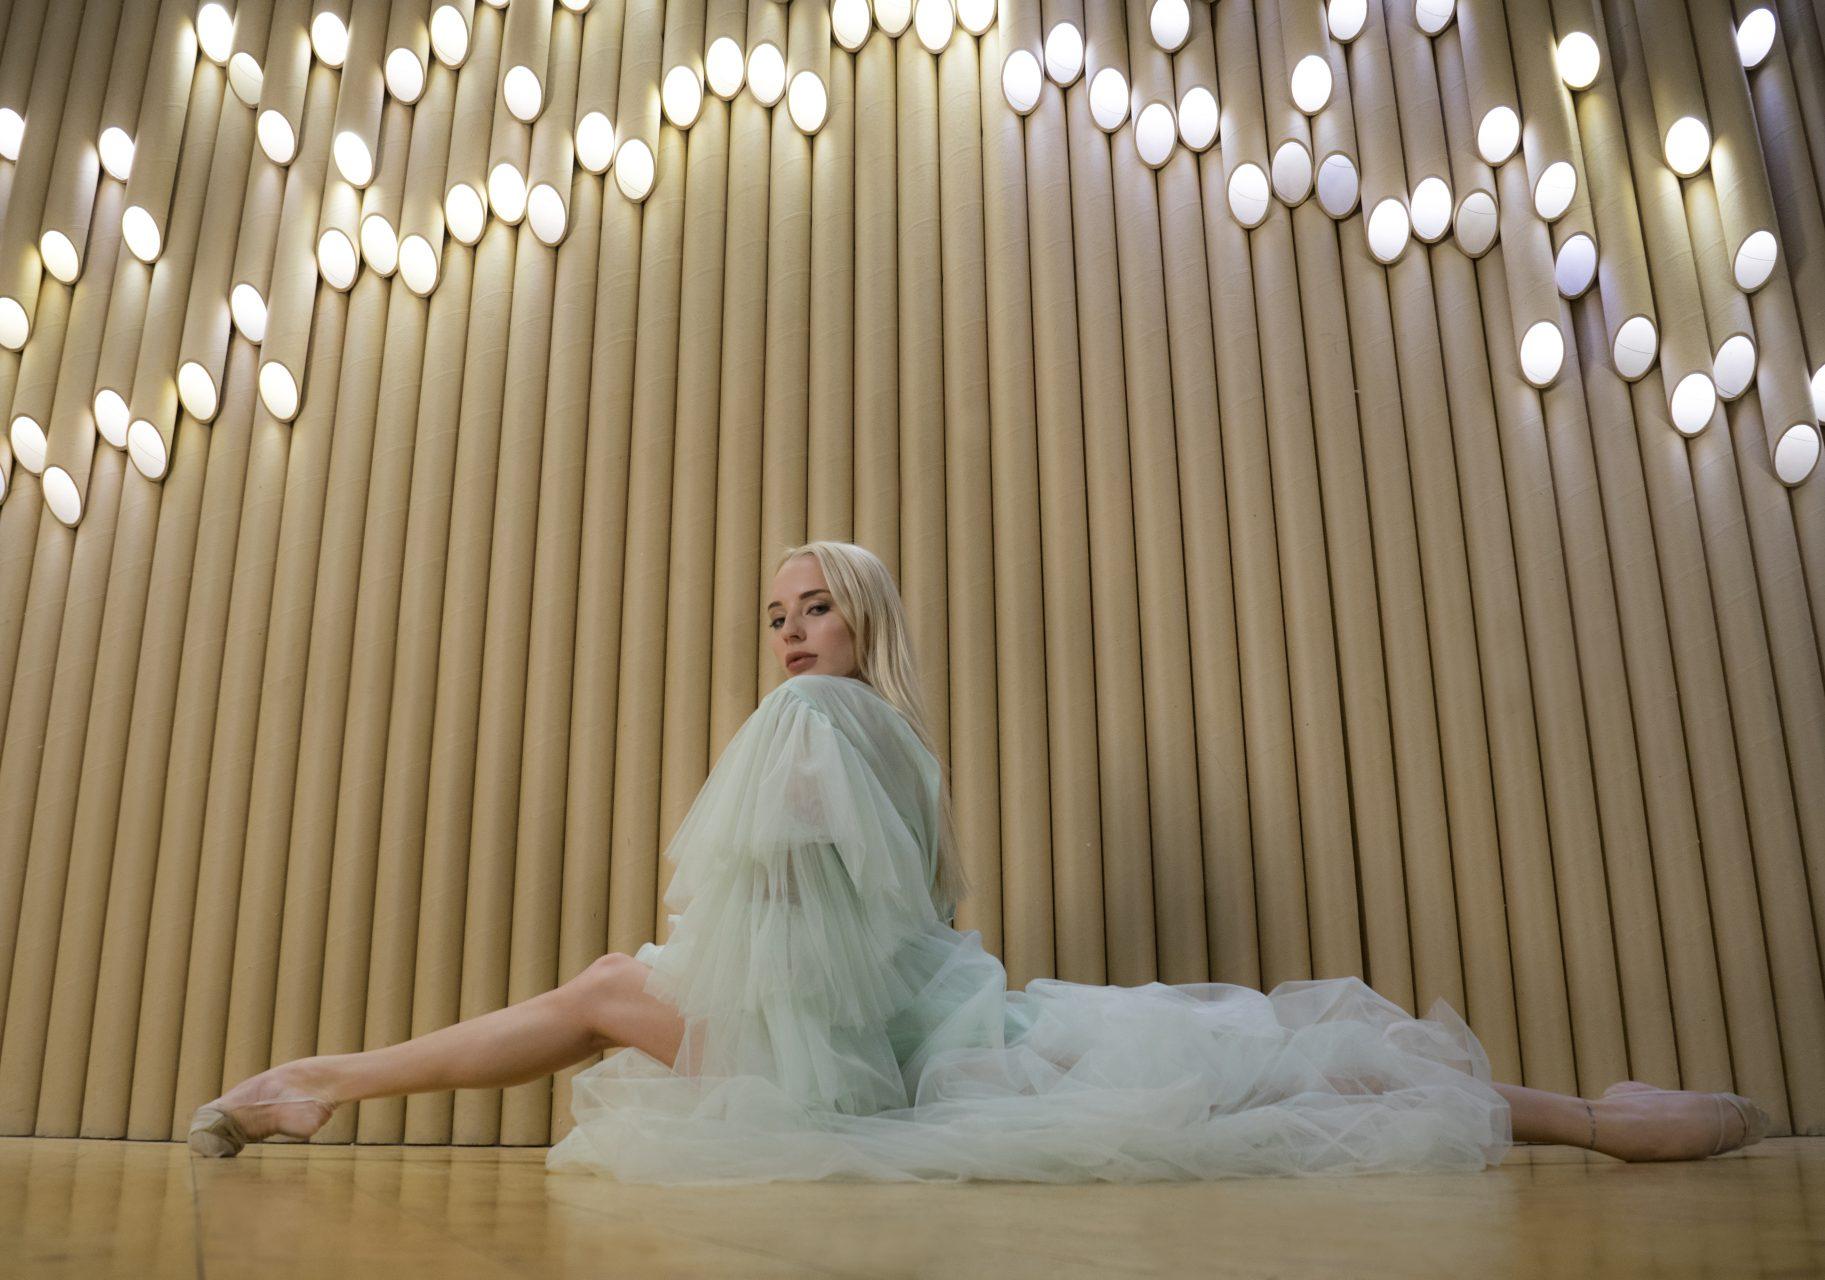 Яна Кудрявцева - Ангел с железными крыльями